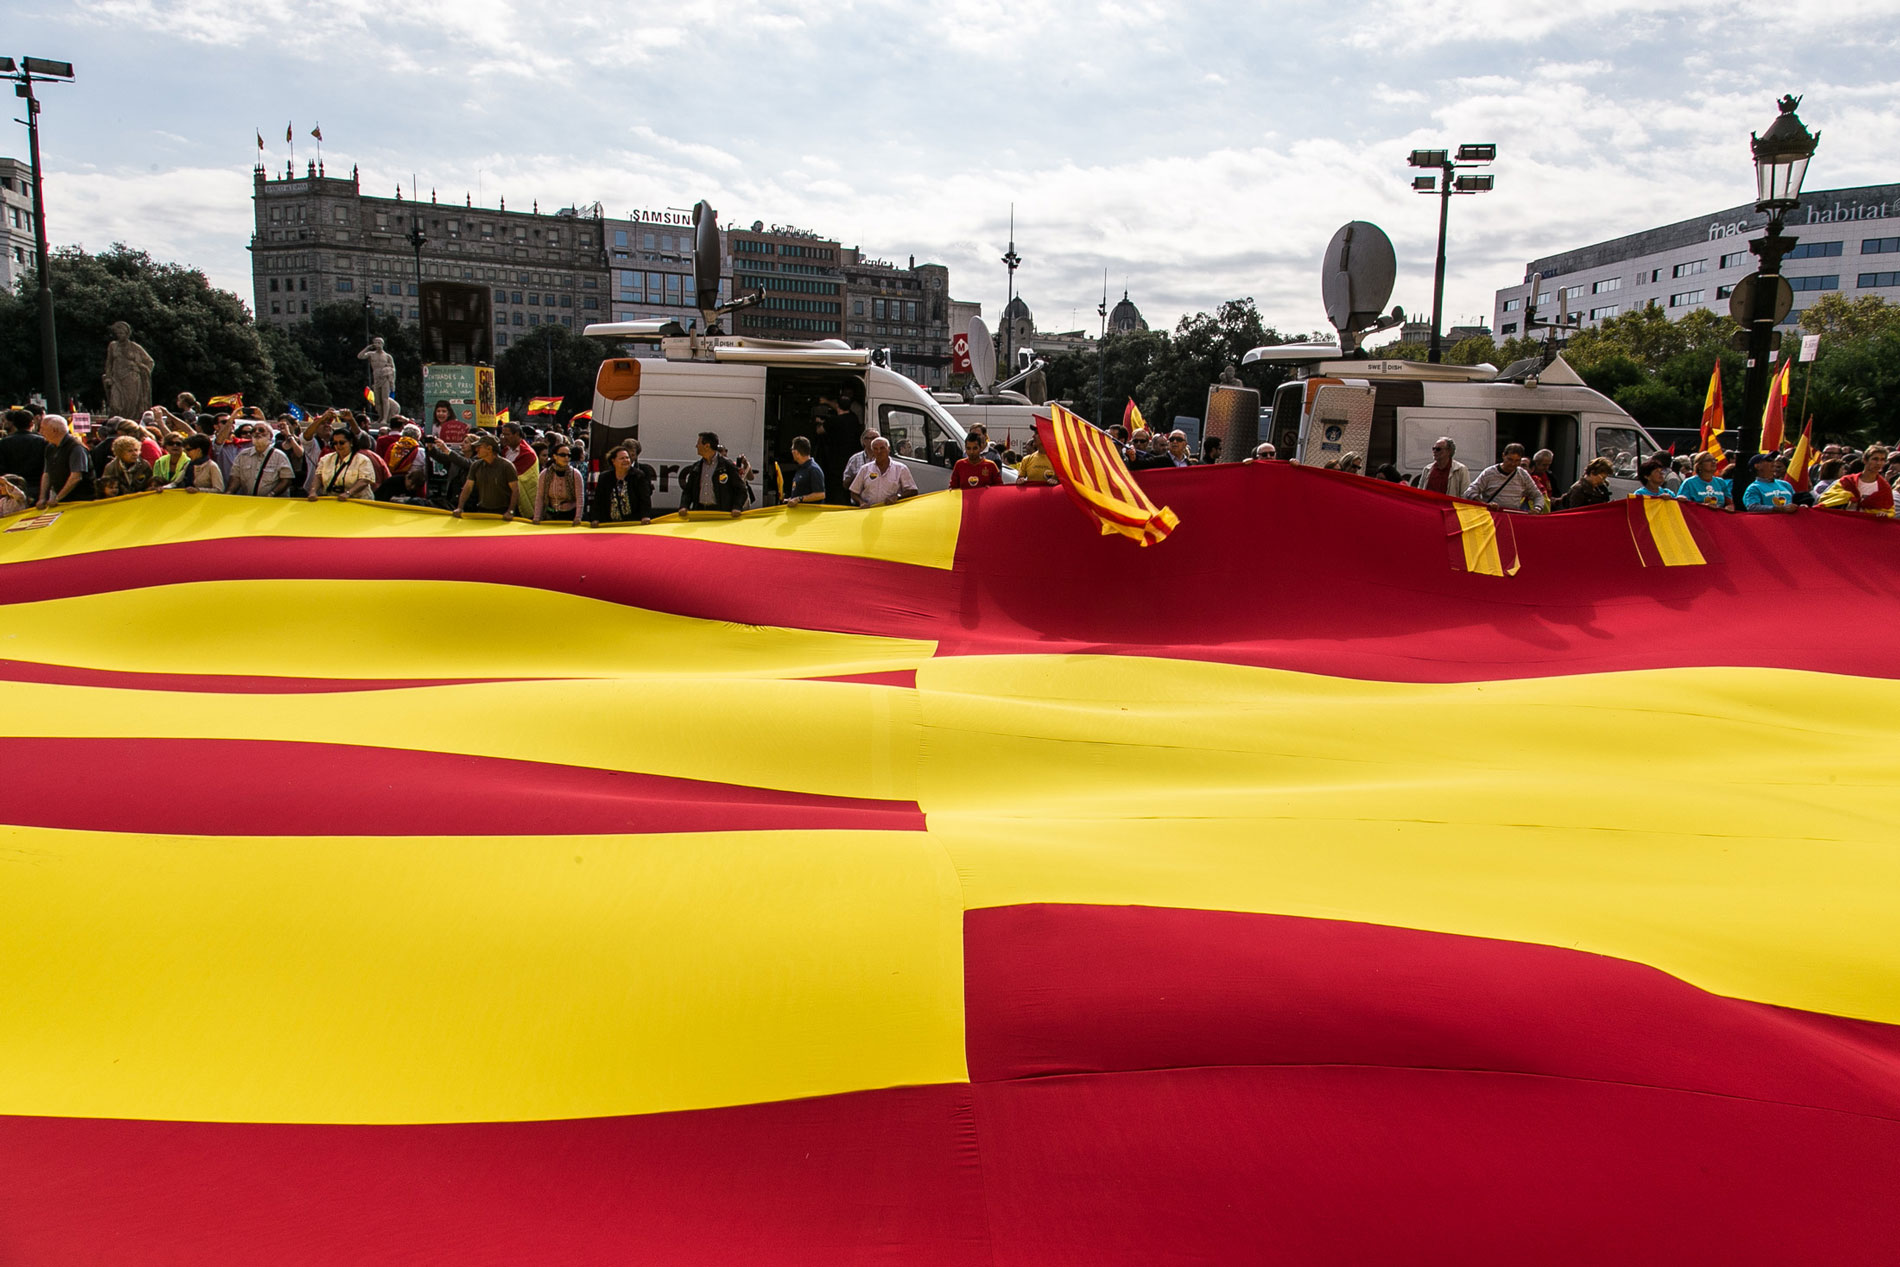 In Spain's name